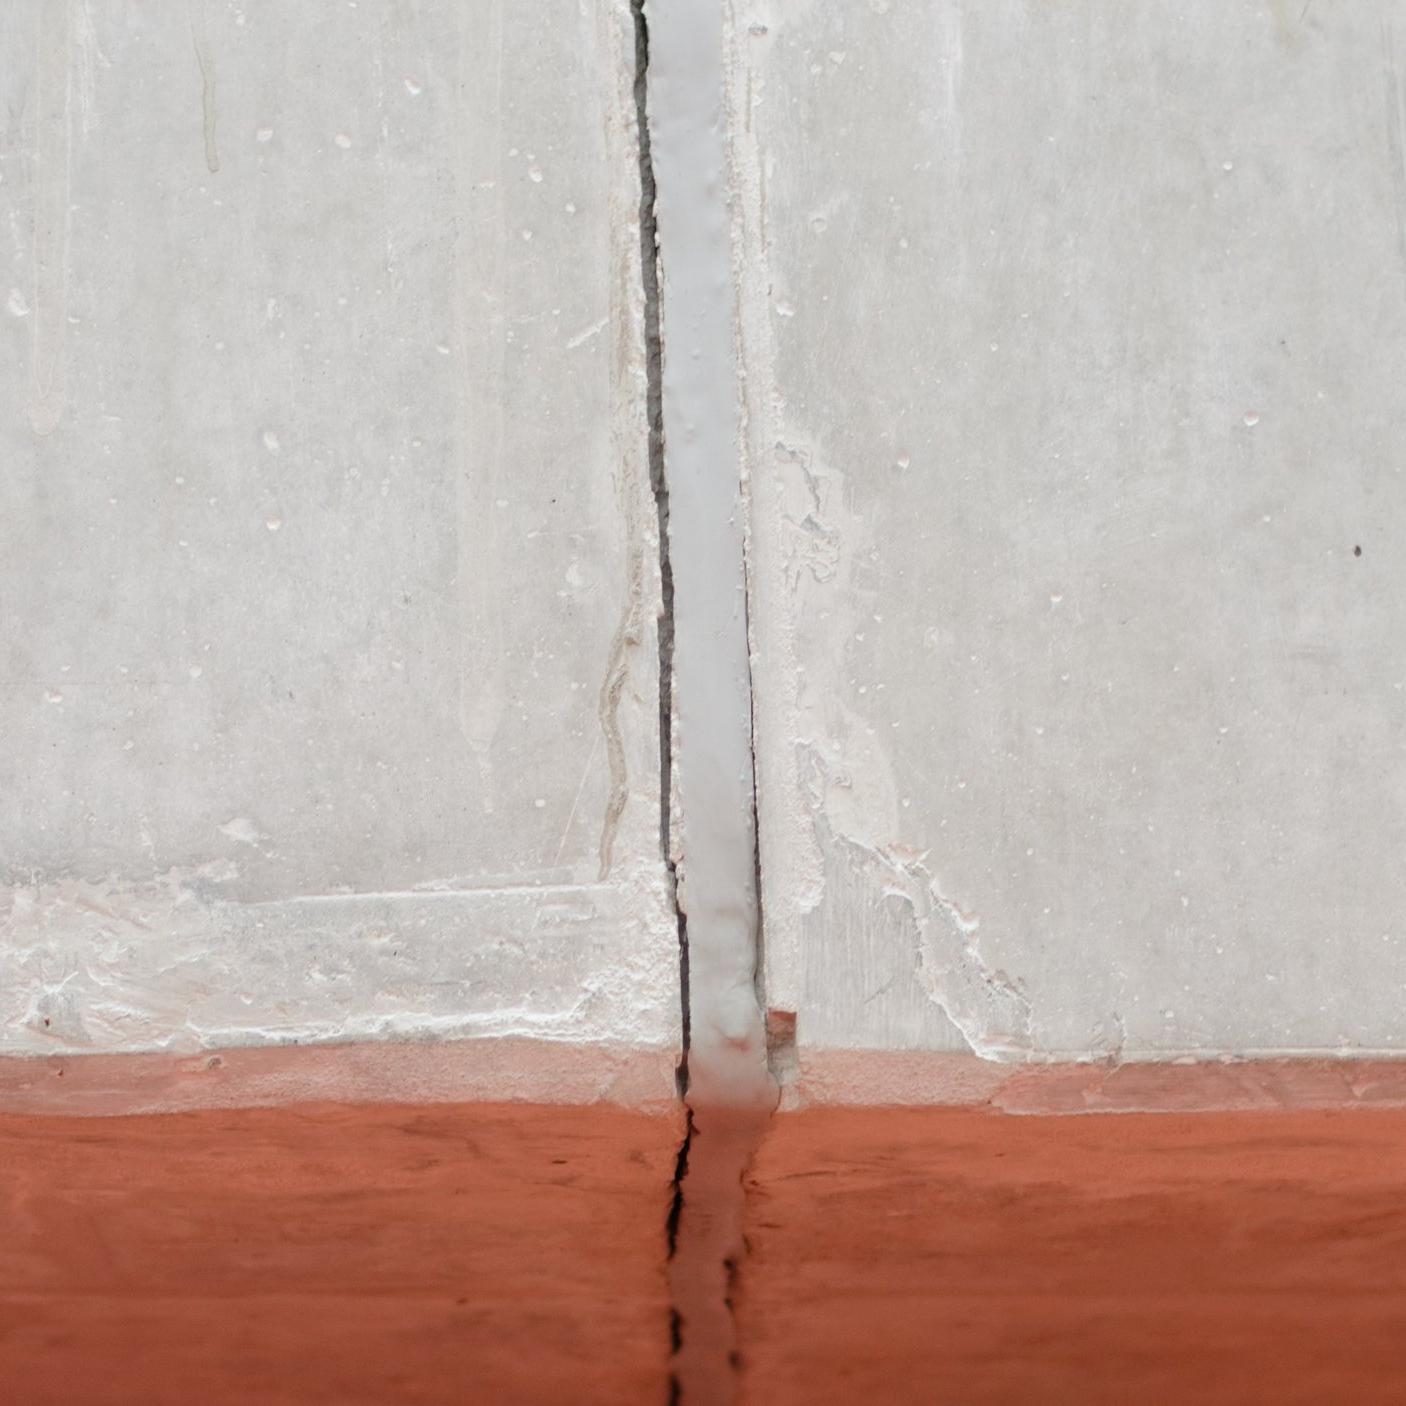 FALHA ADESIVA - Evite falhas adesivas na sua obra. Use BLOKSIL MS, selante de silicone com alto poder de aderência e cura neutra.